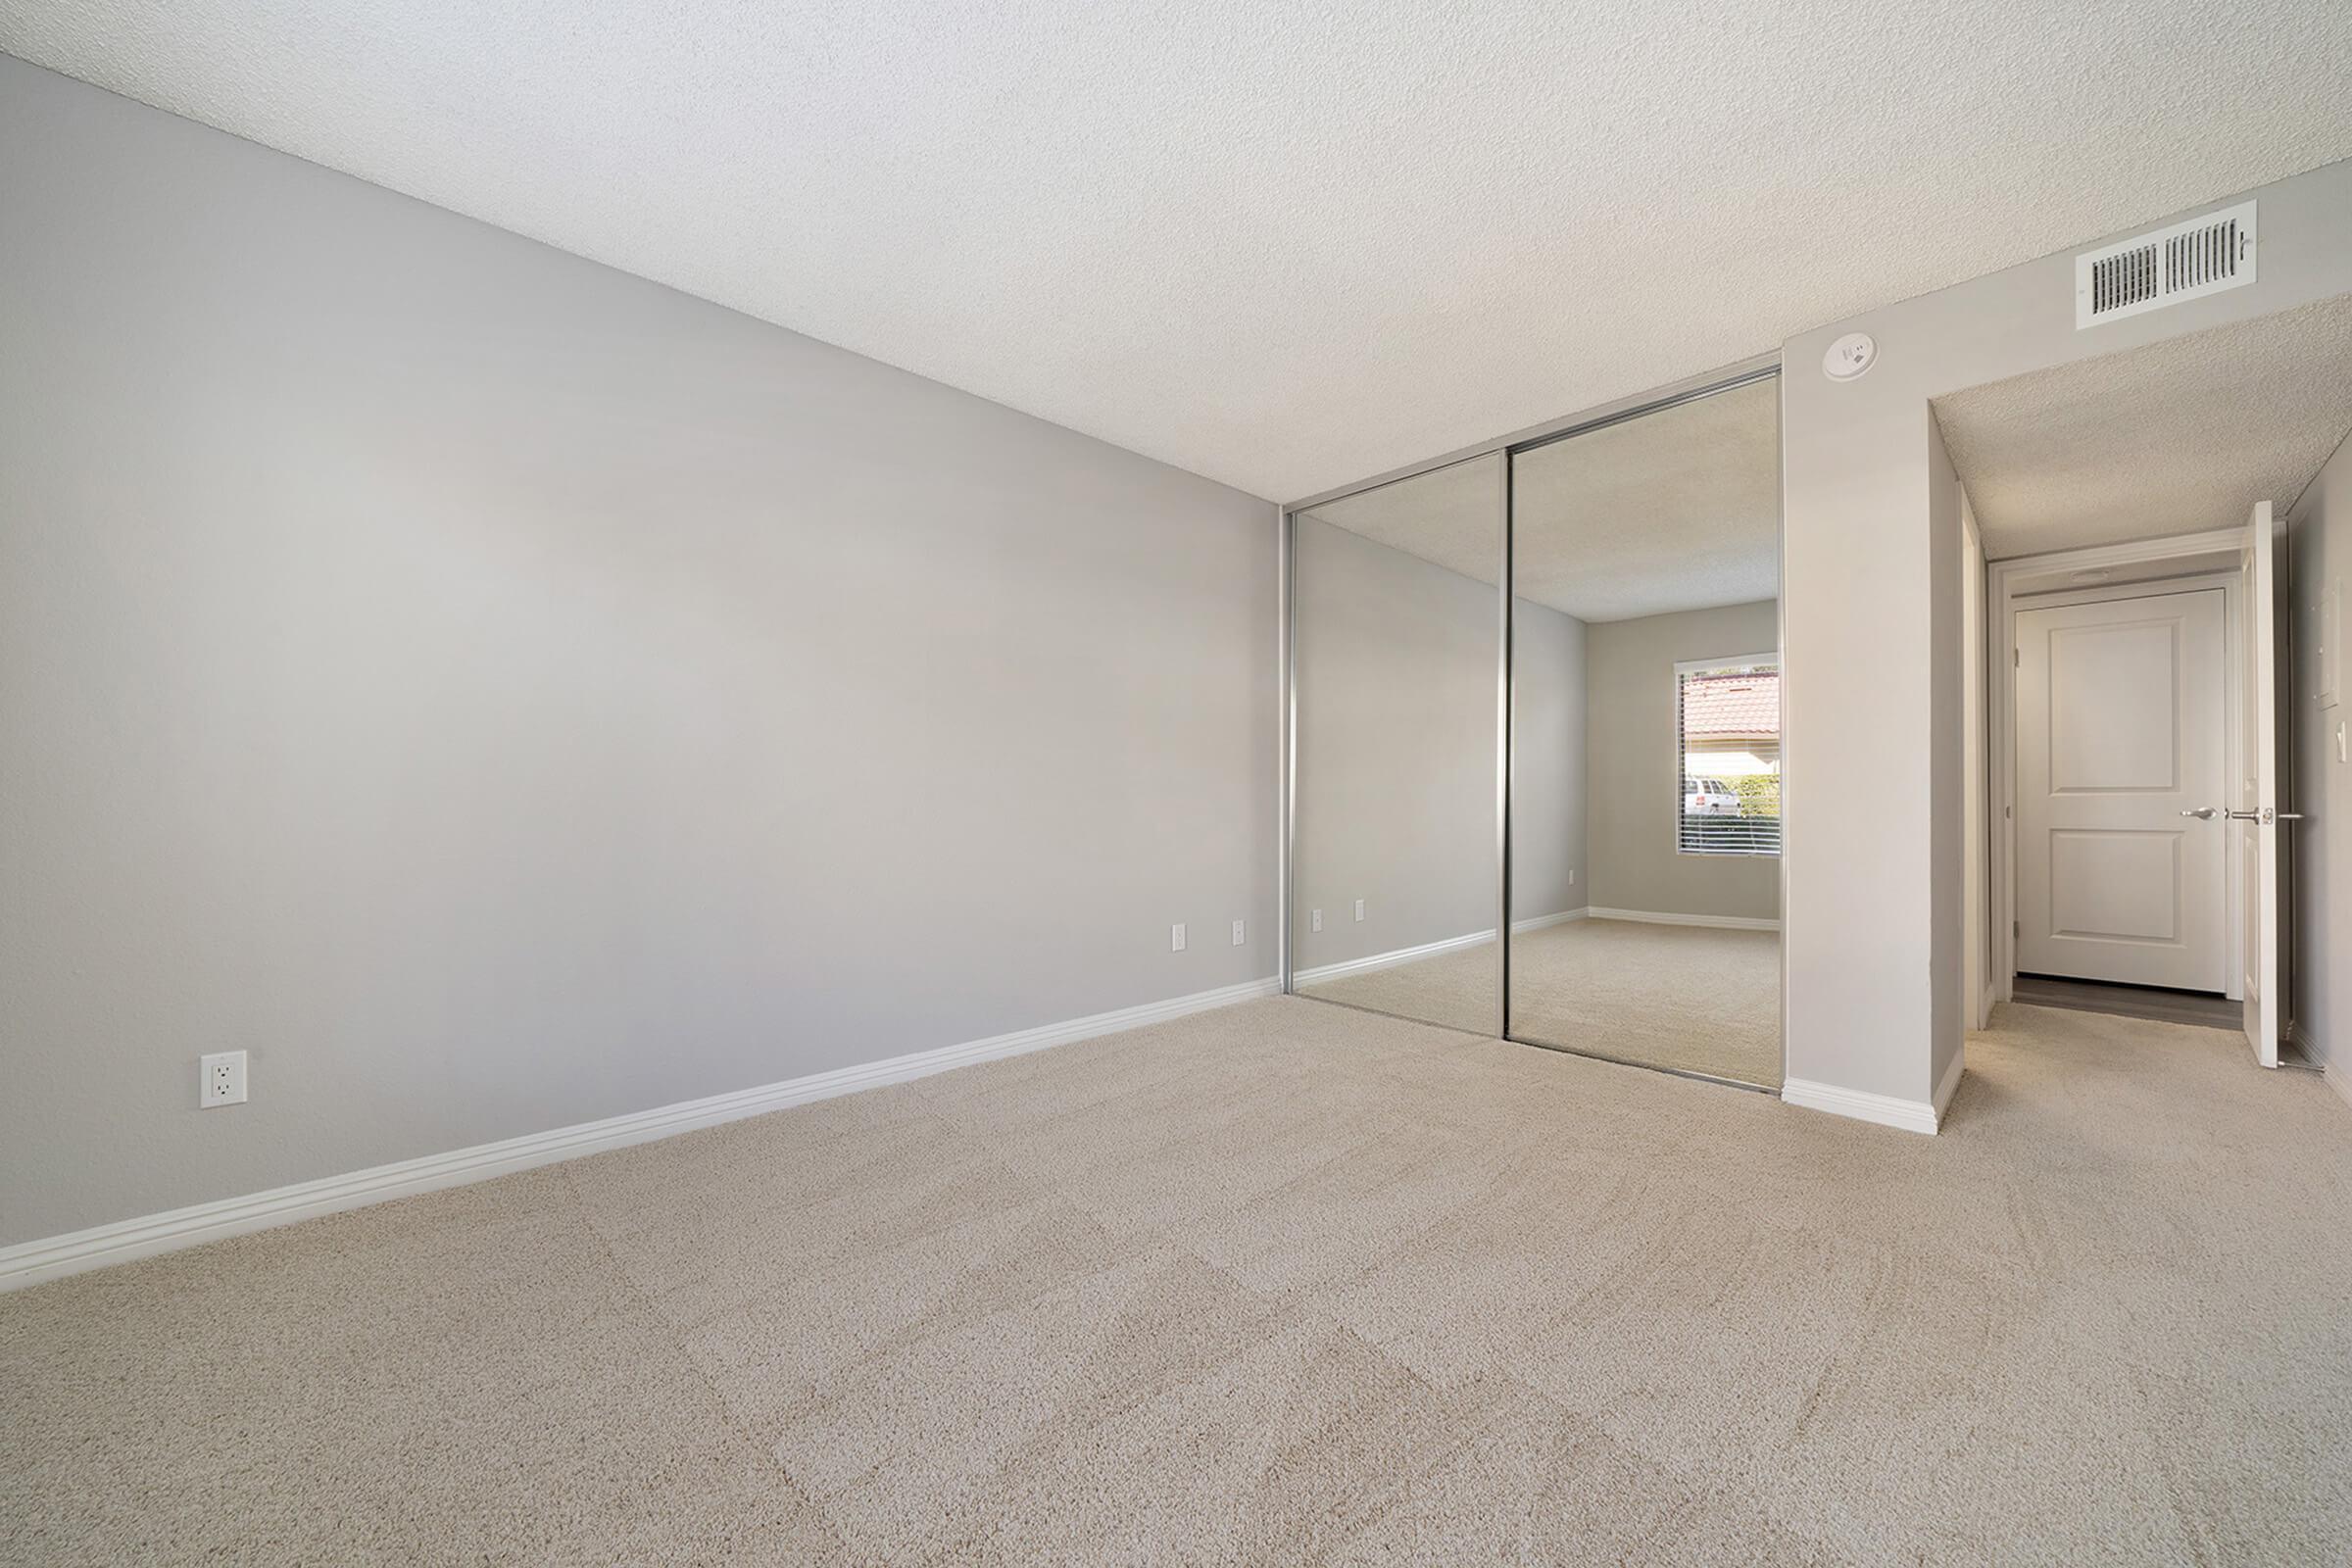 Bedroom with sliding mirror glass closet doors